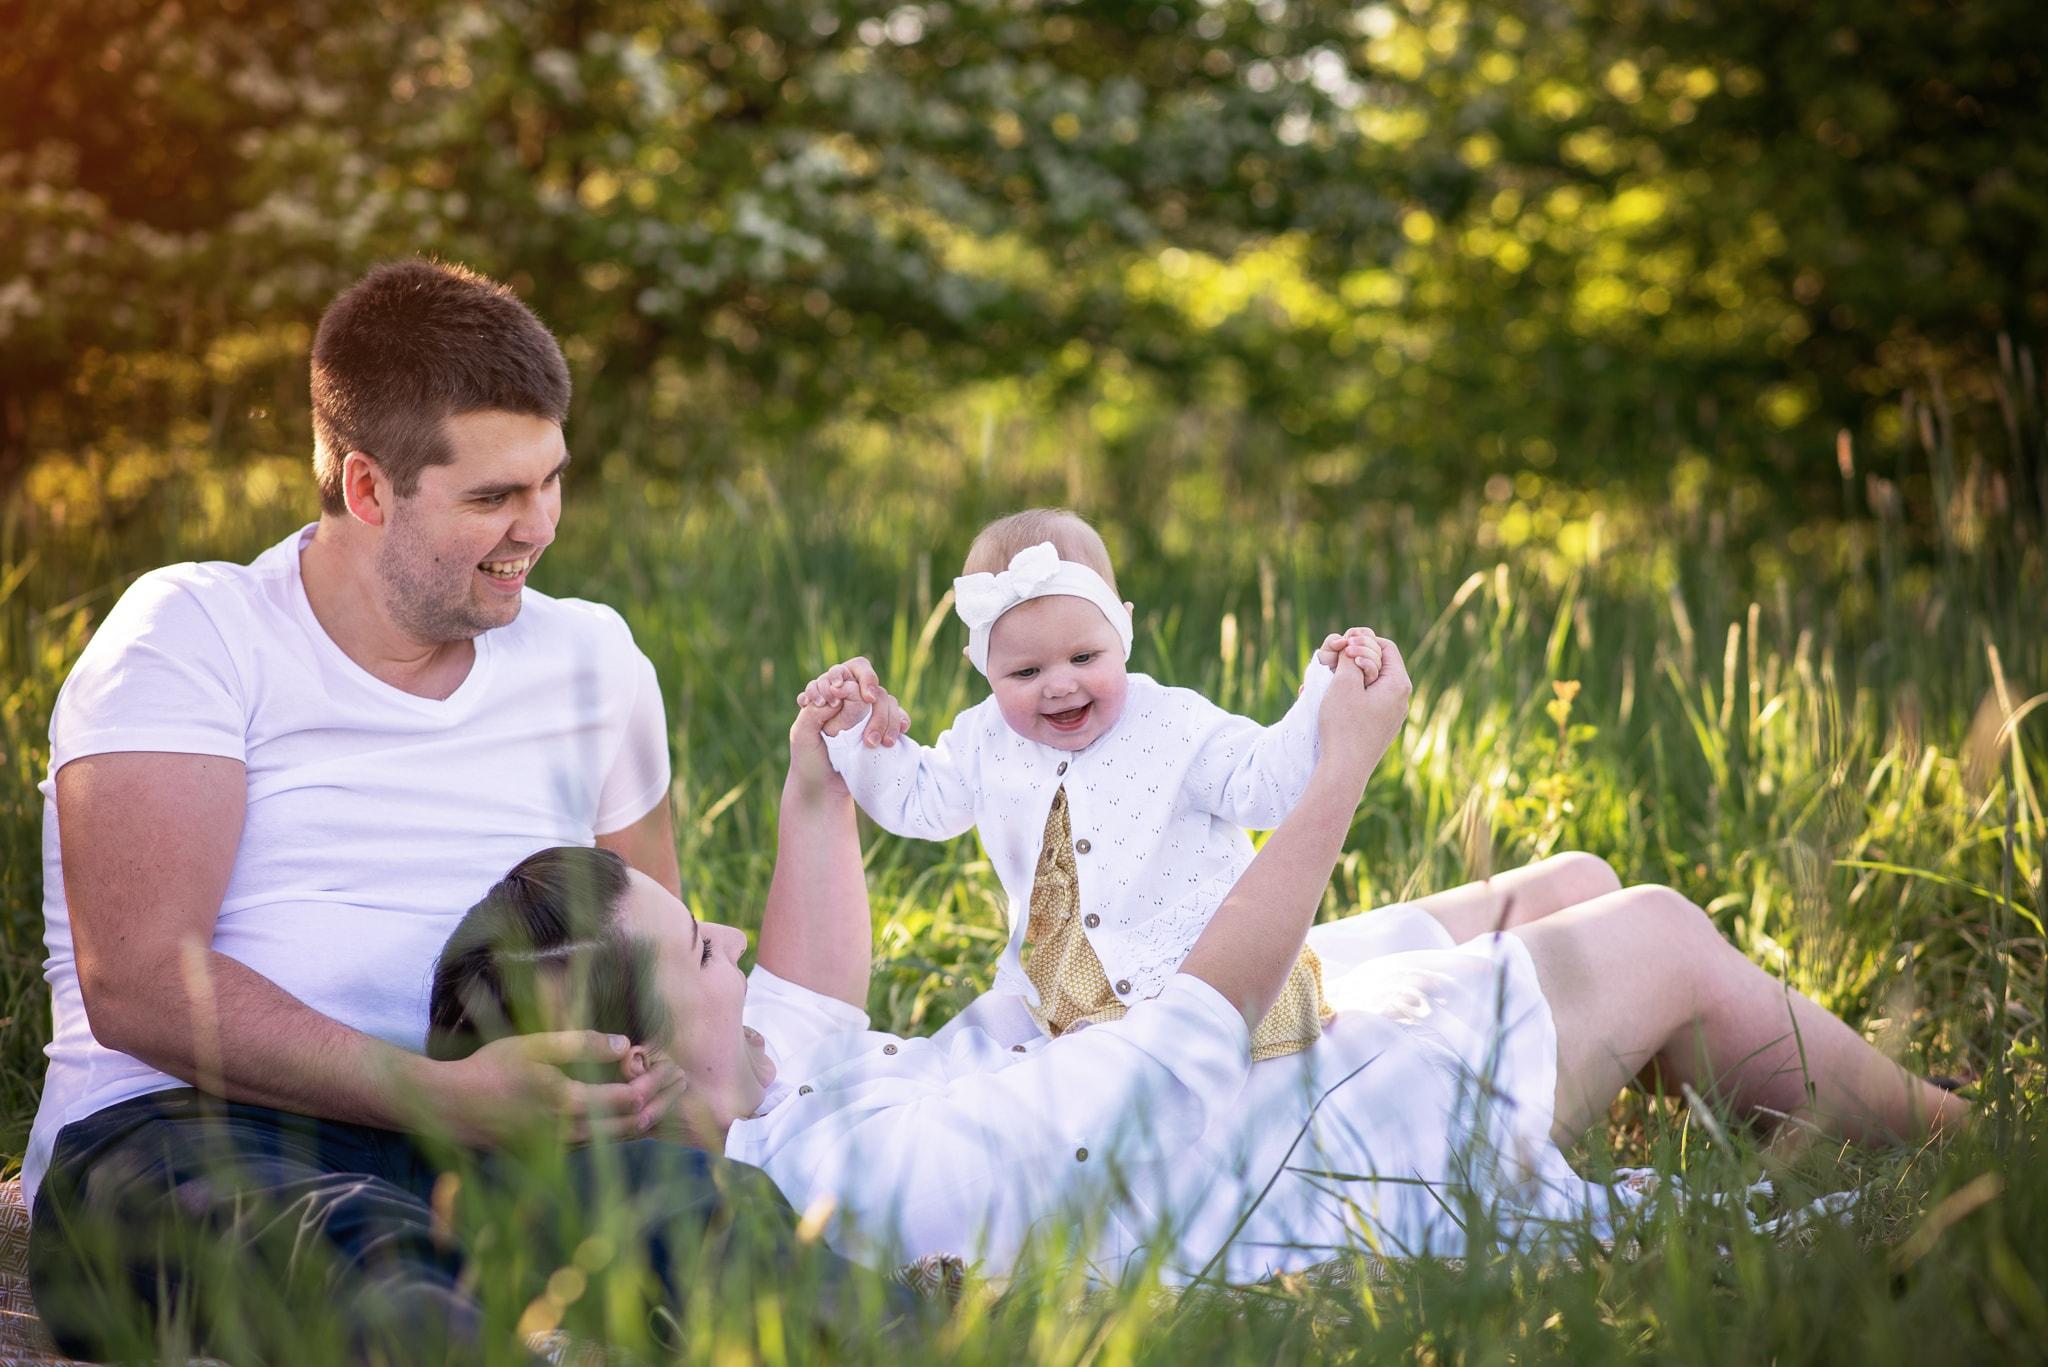 piknik w parku z niemowlakiem